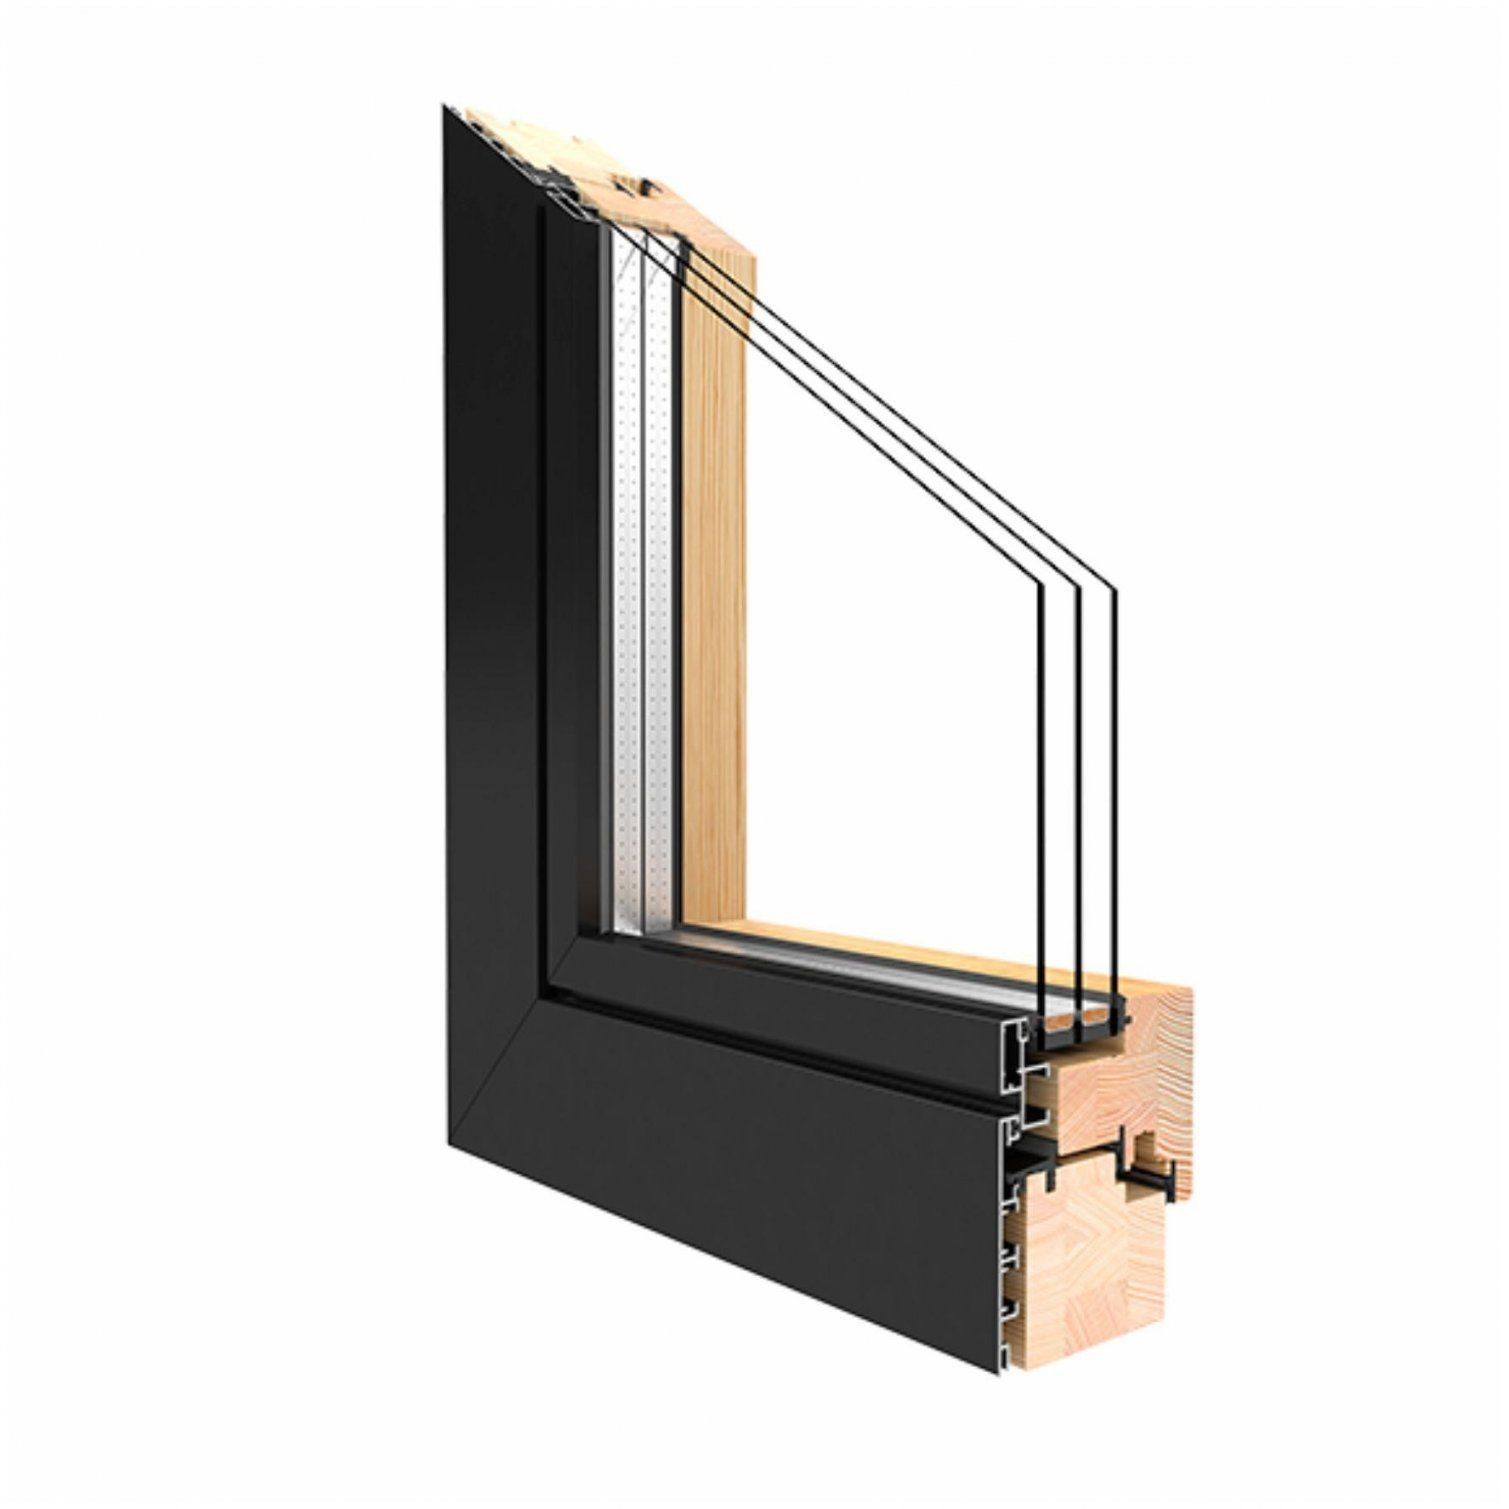 Beste Holz Aluminium Fenster Sammlung Von Fenster Accessoires 91632 von Alu Fenster Vor Und Nachteile Bild